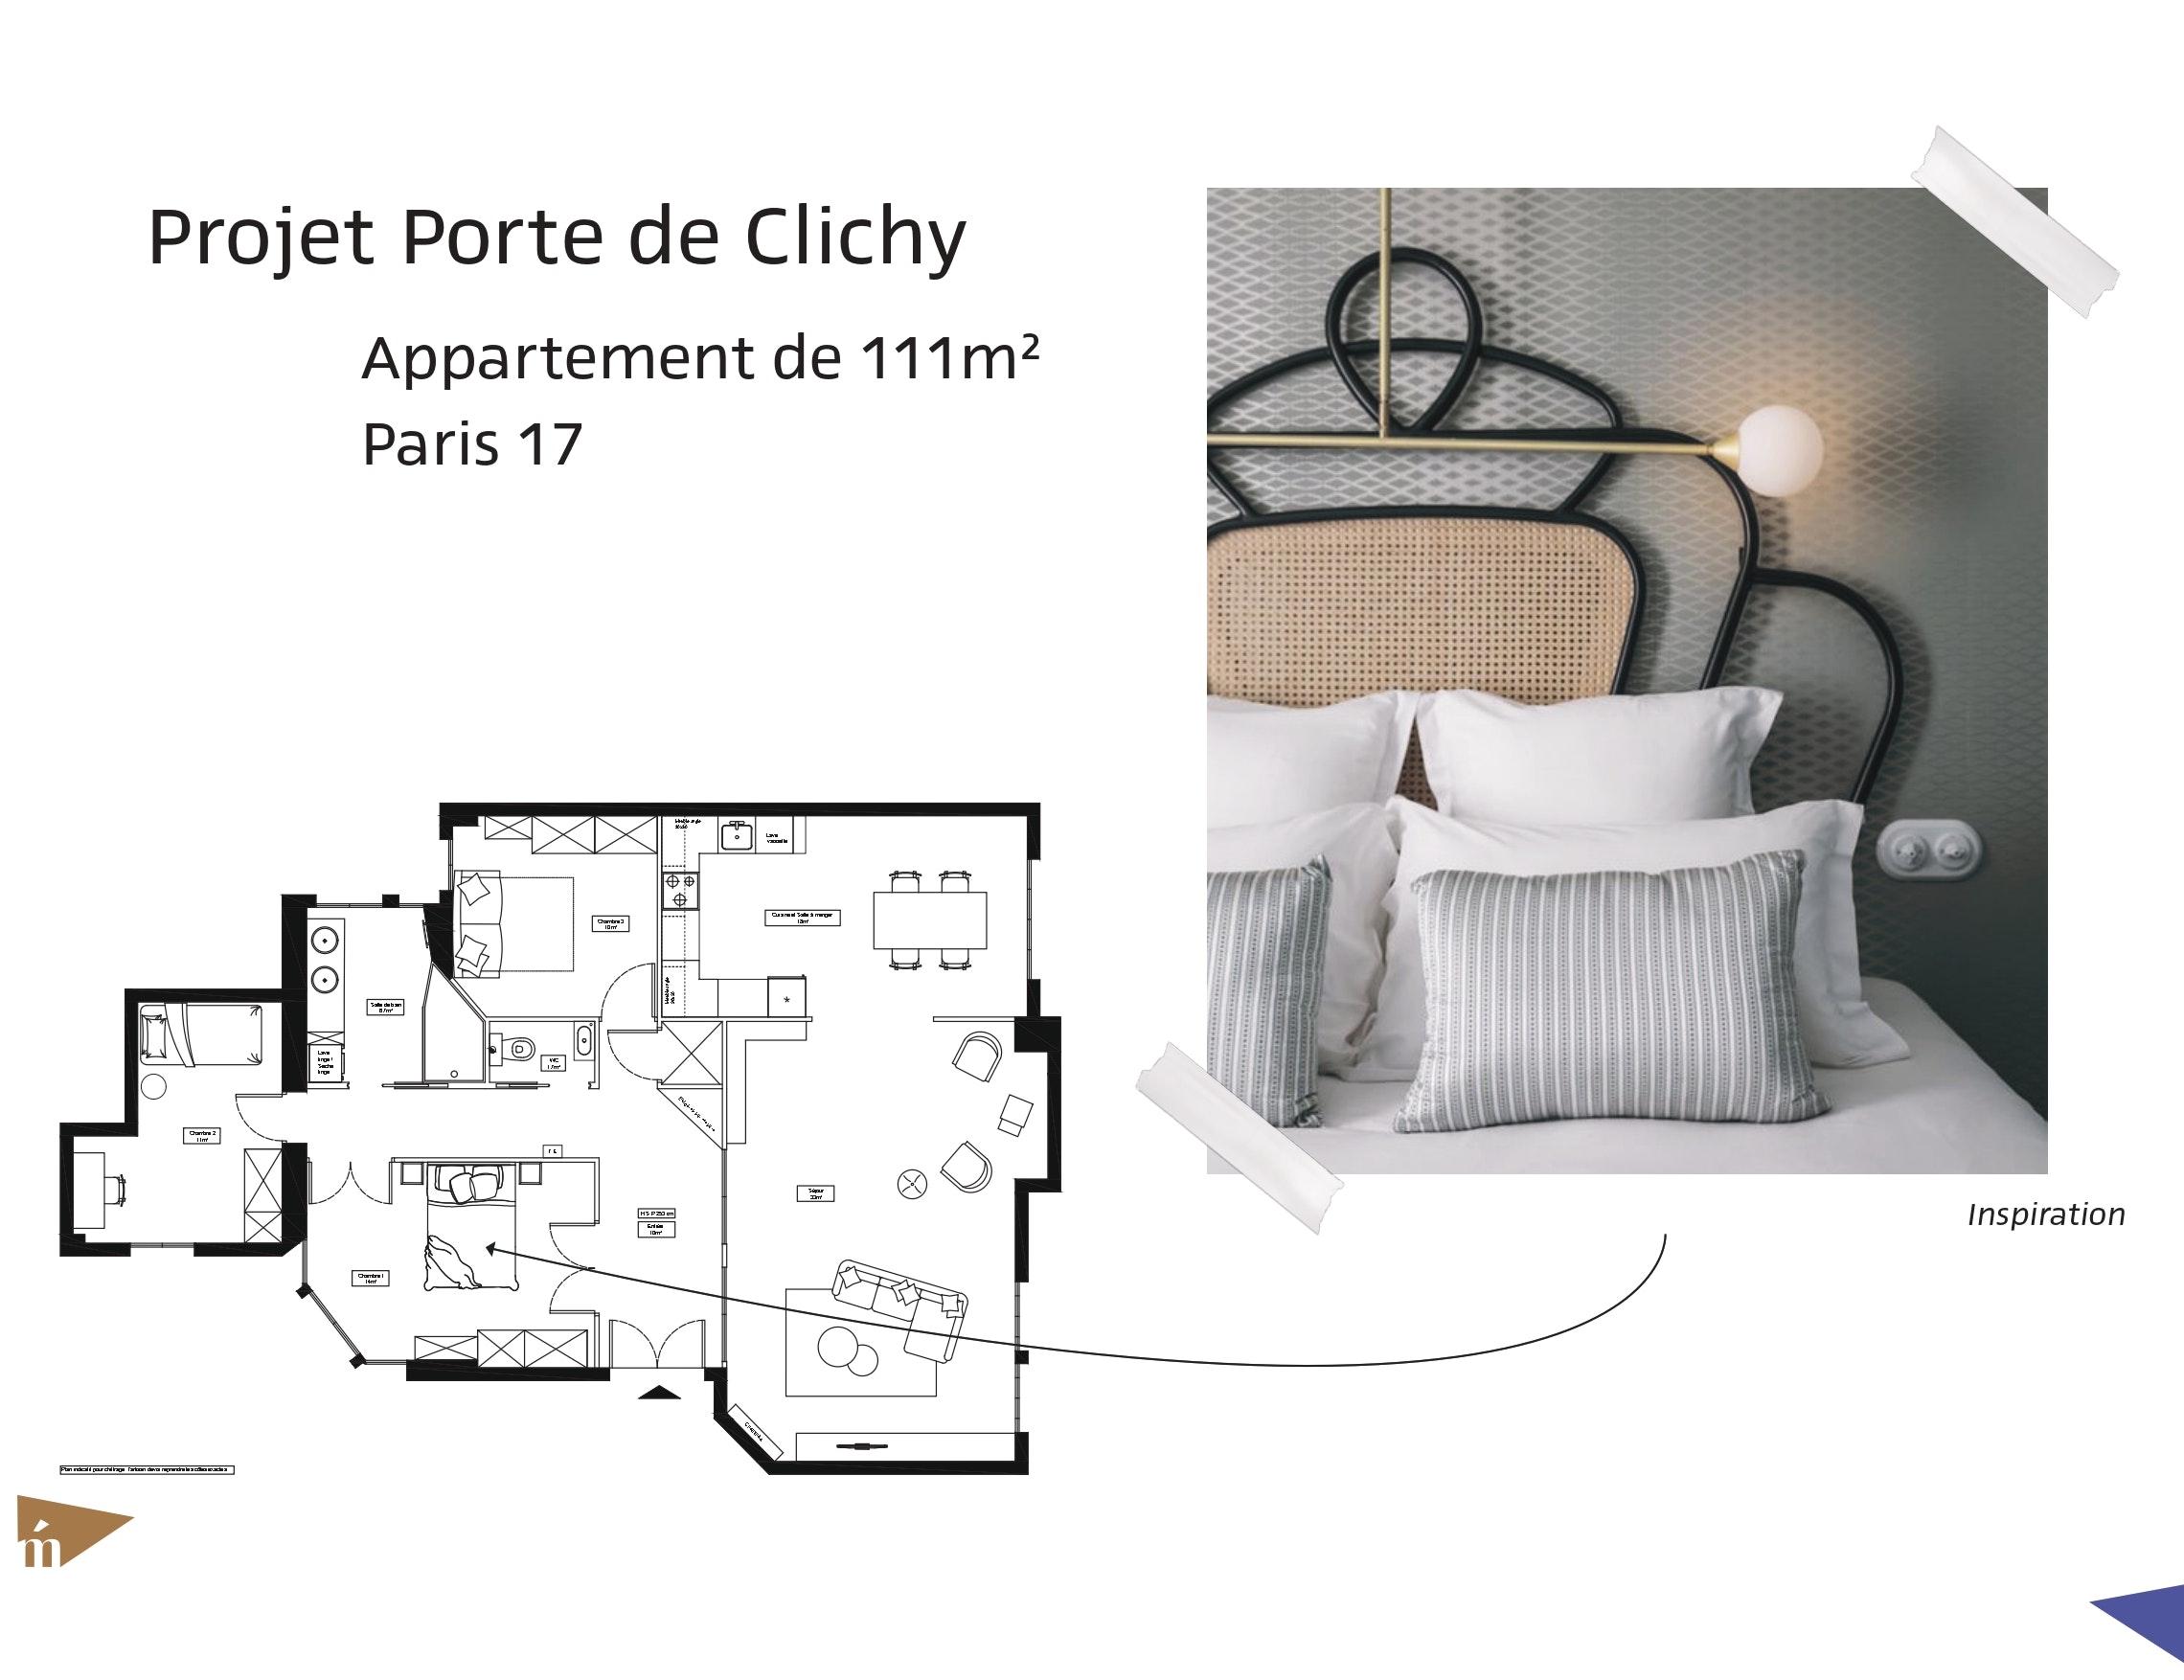 photo Projet Porte de Clichy - 111 m² - Paris 17 Léa Mast - Architecte hemea